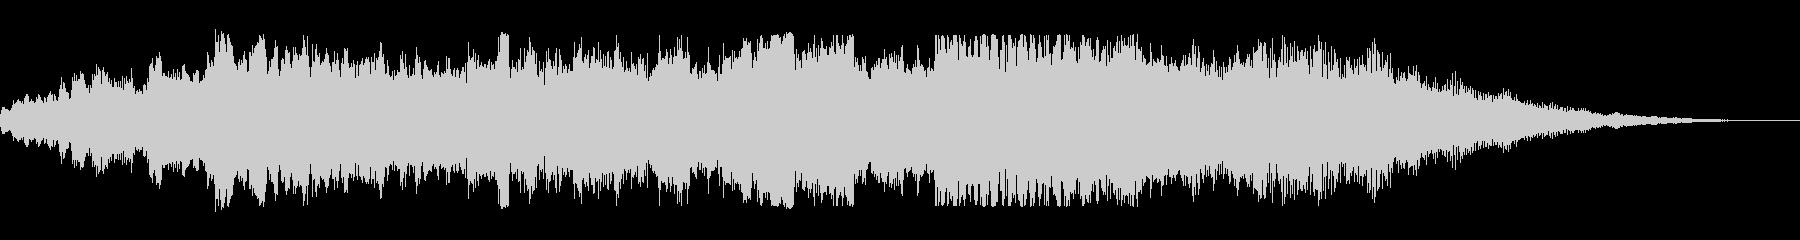 KANT和風オーケストラBGMの未再生の波形